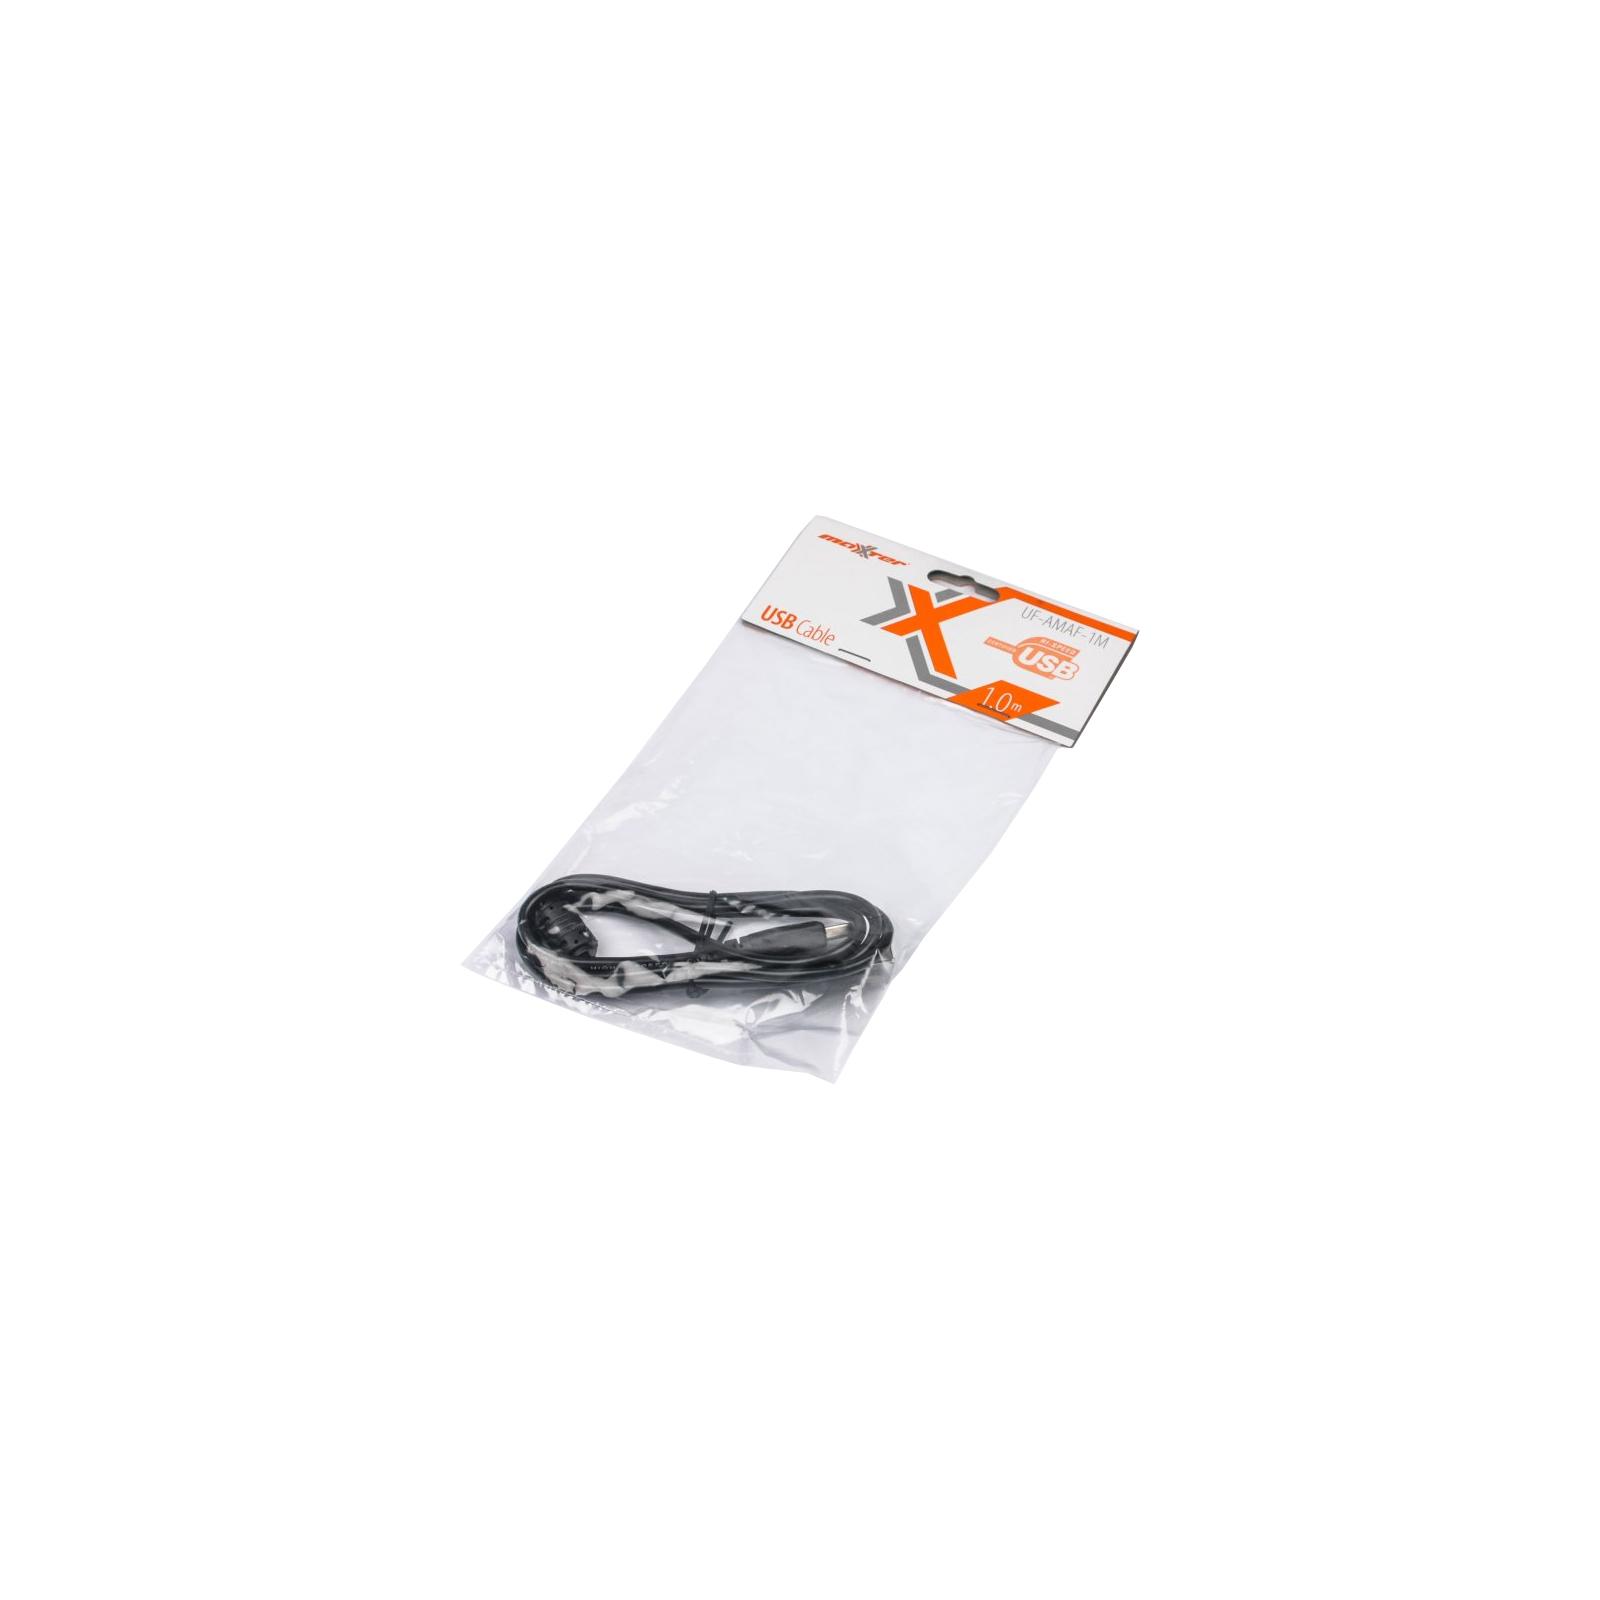 Дата кабель USB 2.0 AM/AF 1.8m Maxxter (UF-AMAF-6) изображение 2